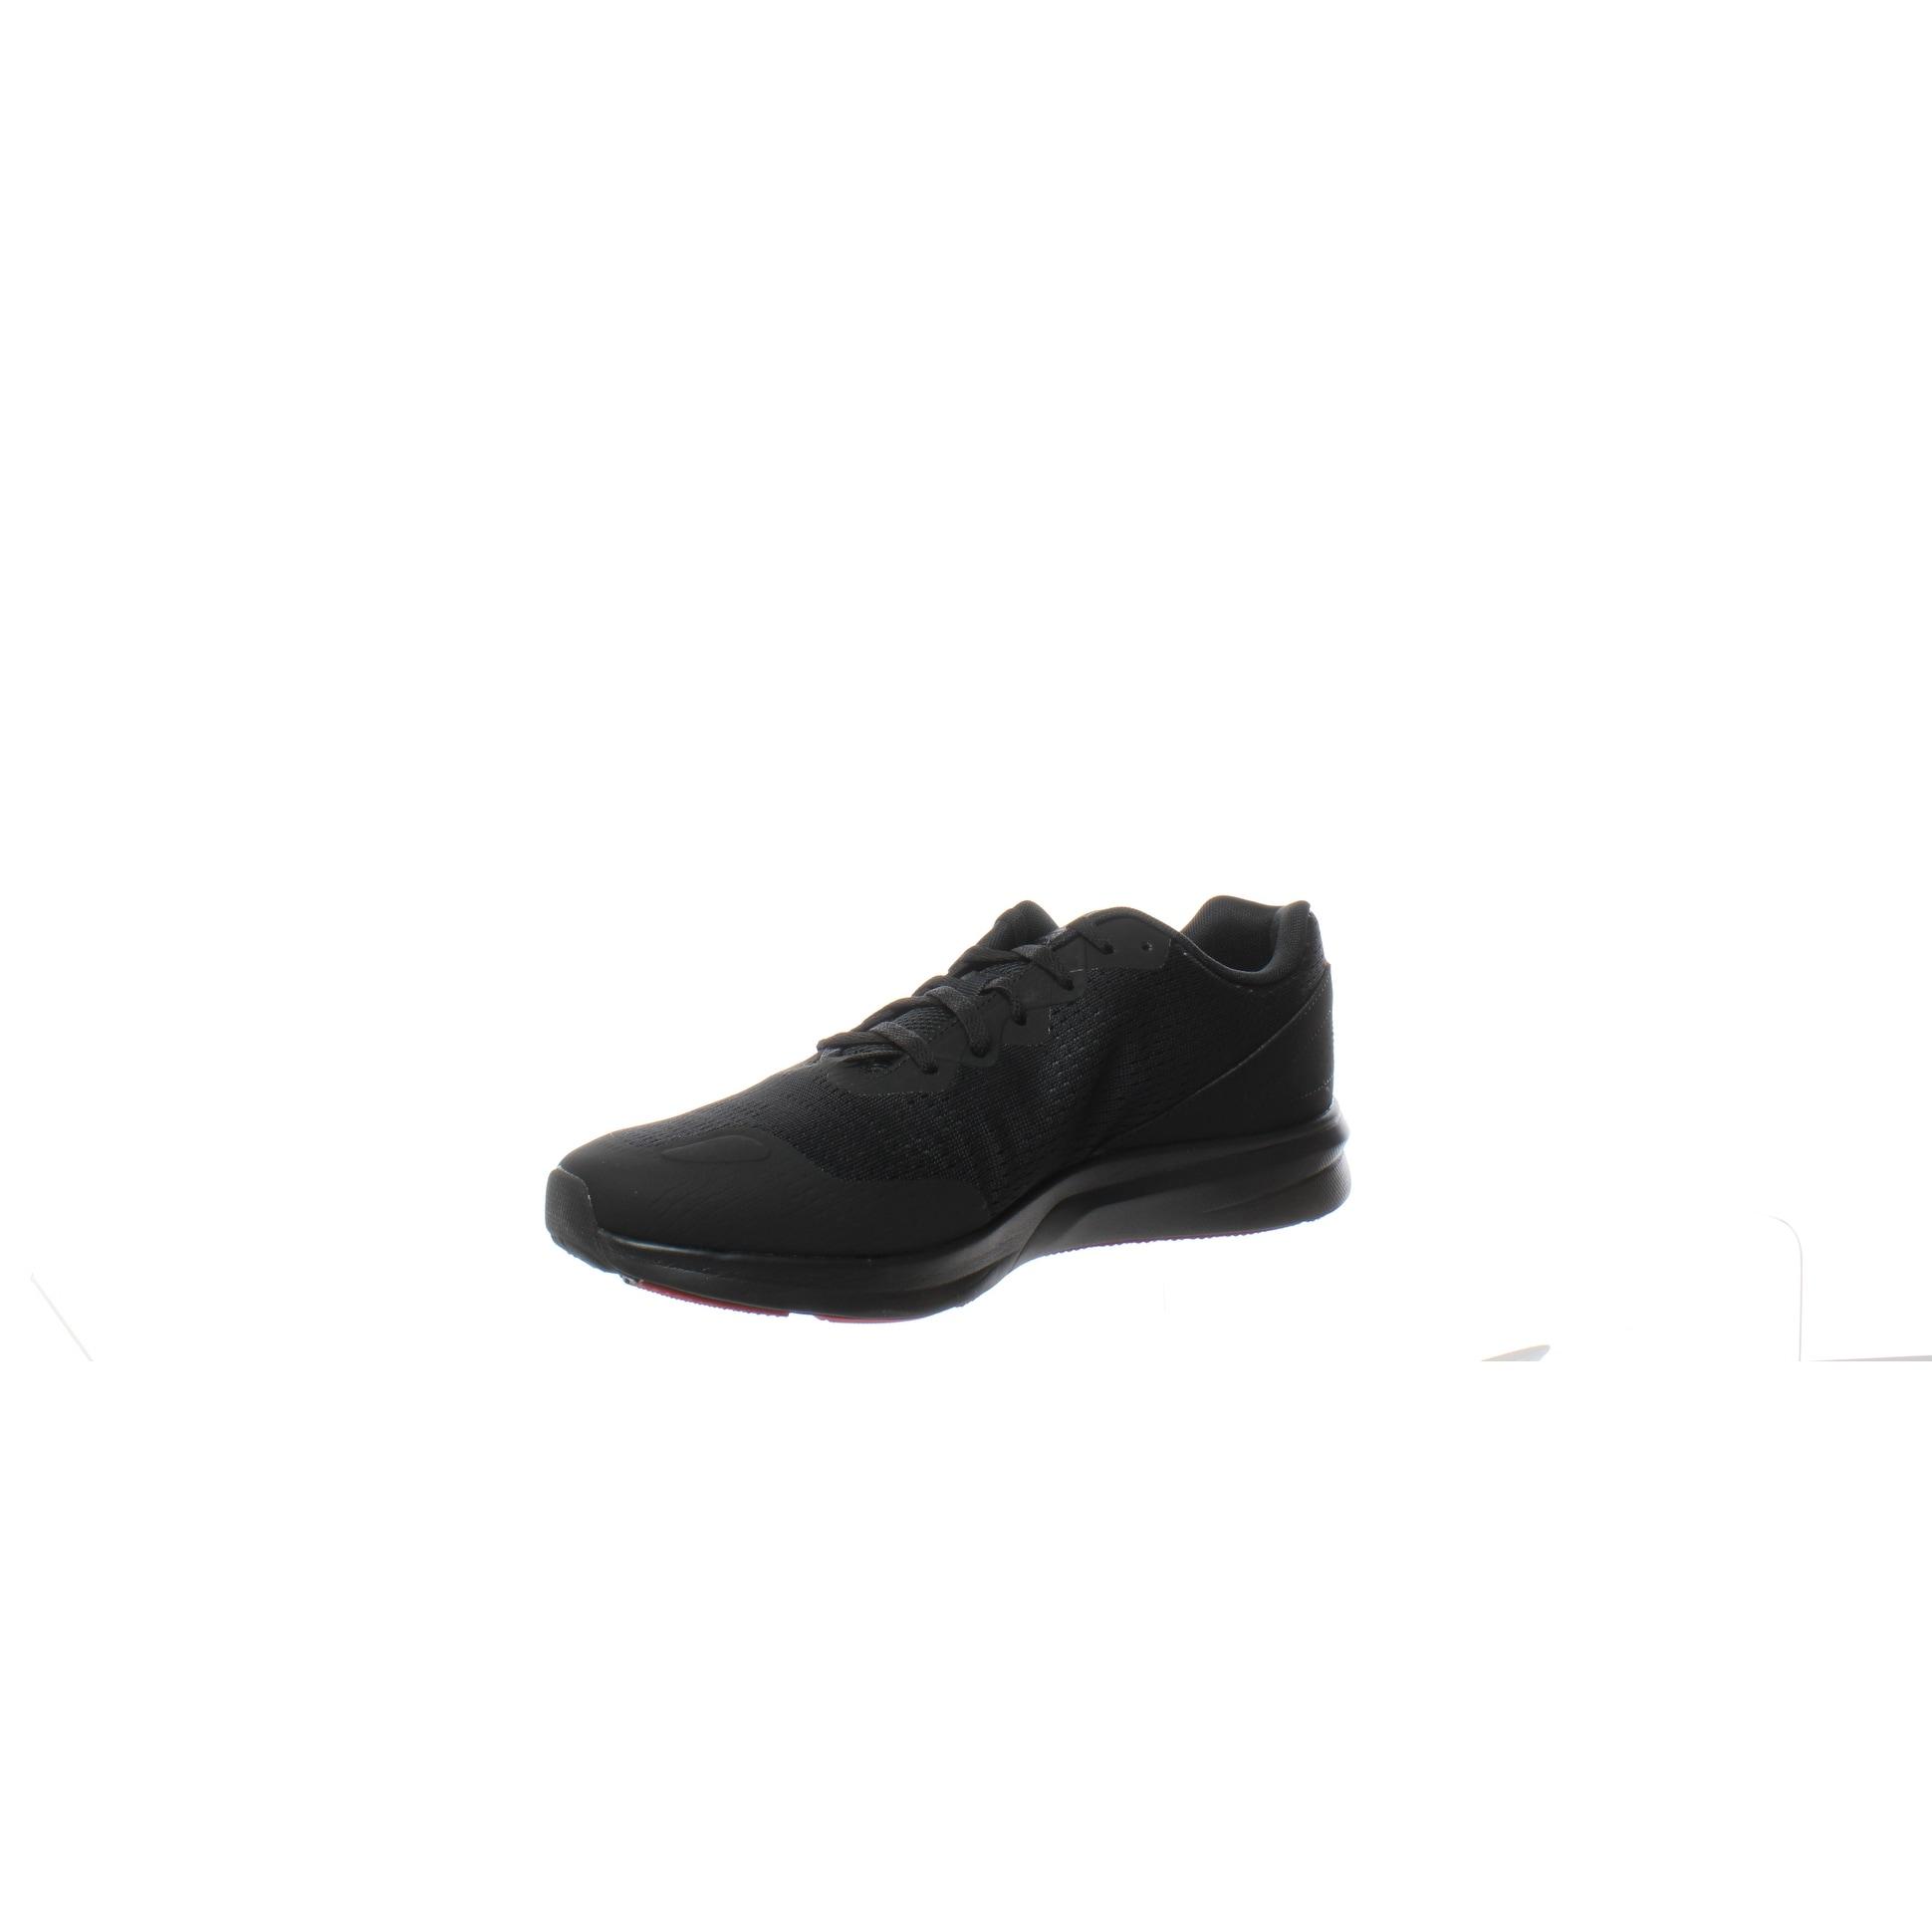 Shop Reebok Mens Runner 3.0 Black